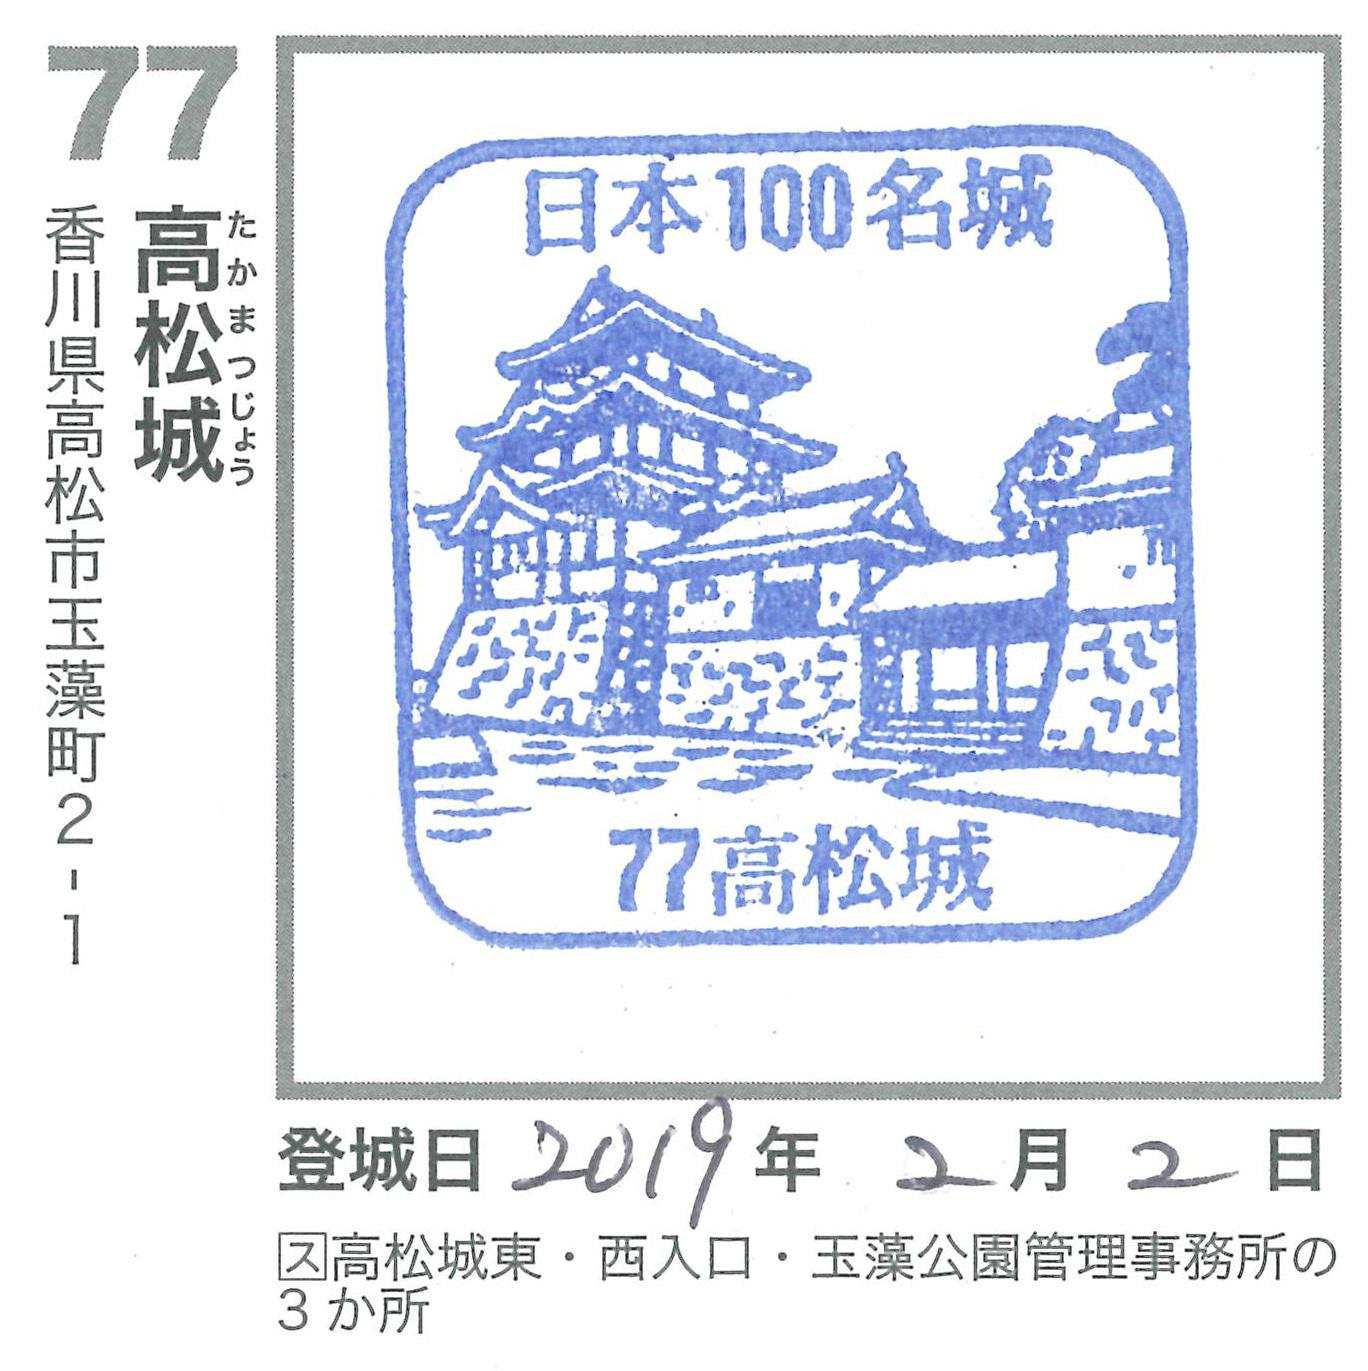 海に浮かぶ要塞、讃岐高松城を歩く。 その6 <外周、東の丸>_e0158128_21234999.jpg